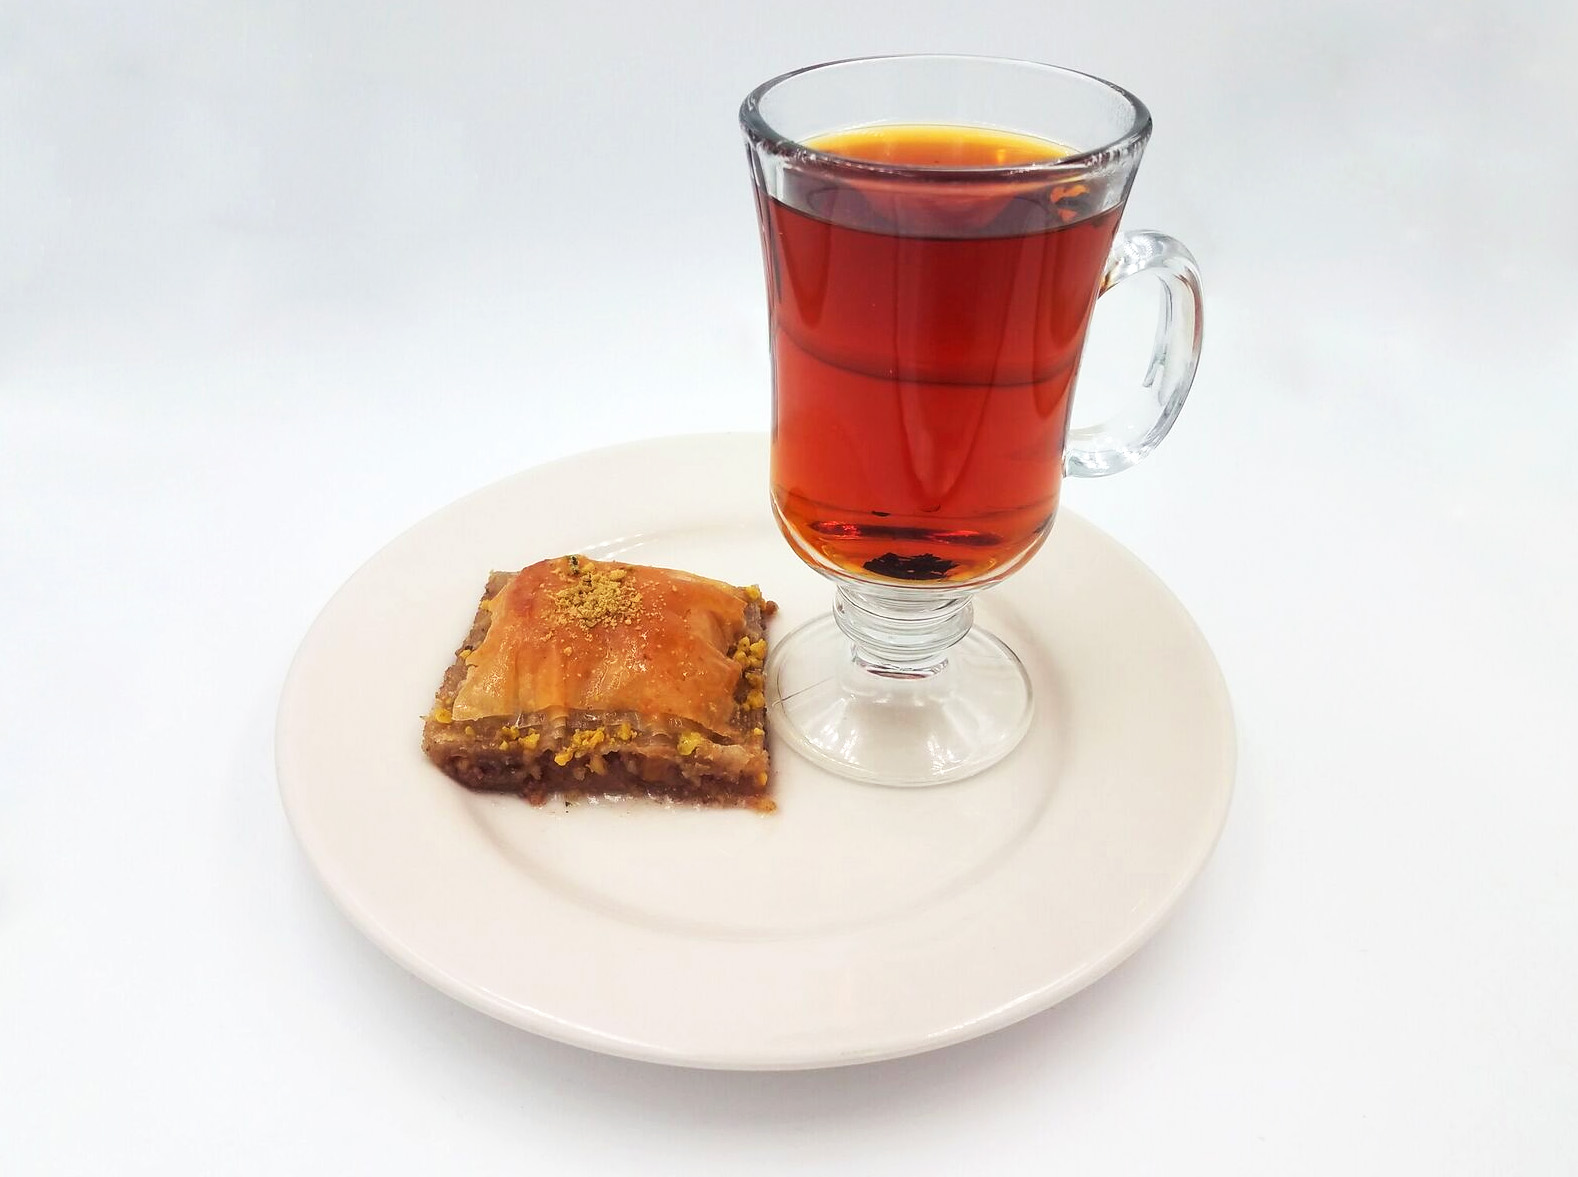 Baklava and Tea $4.50